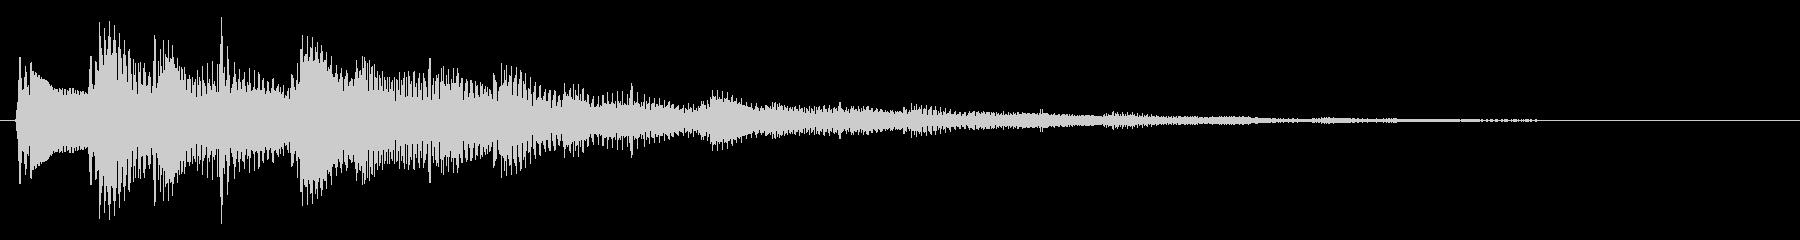 1フレーズ セレクト・ポーズ・決定音1の未再生の波形